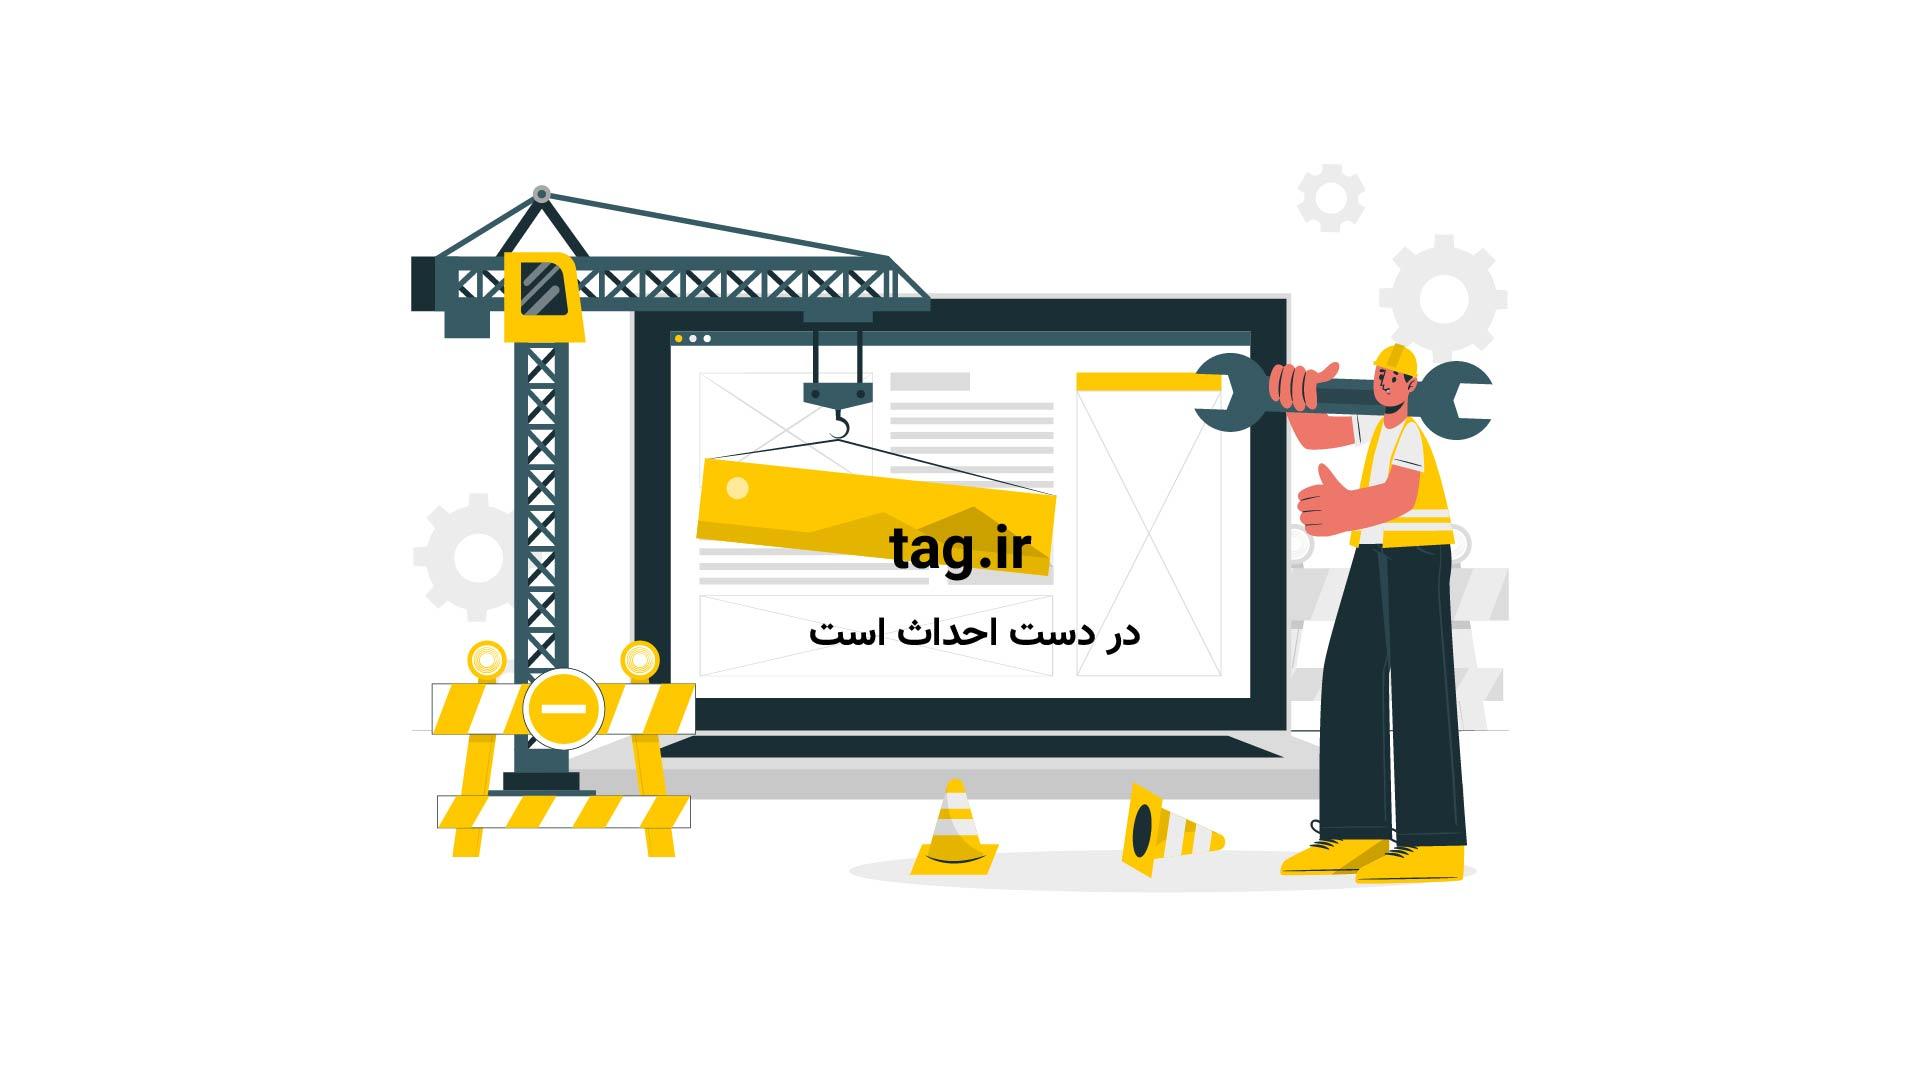 آغاز فعالیت هنری علی عبدالمالکی | تگ